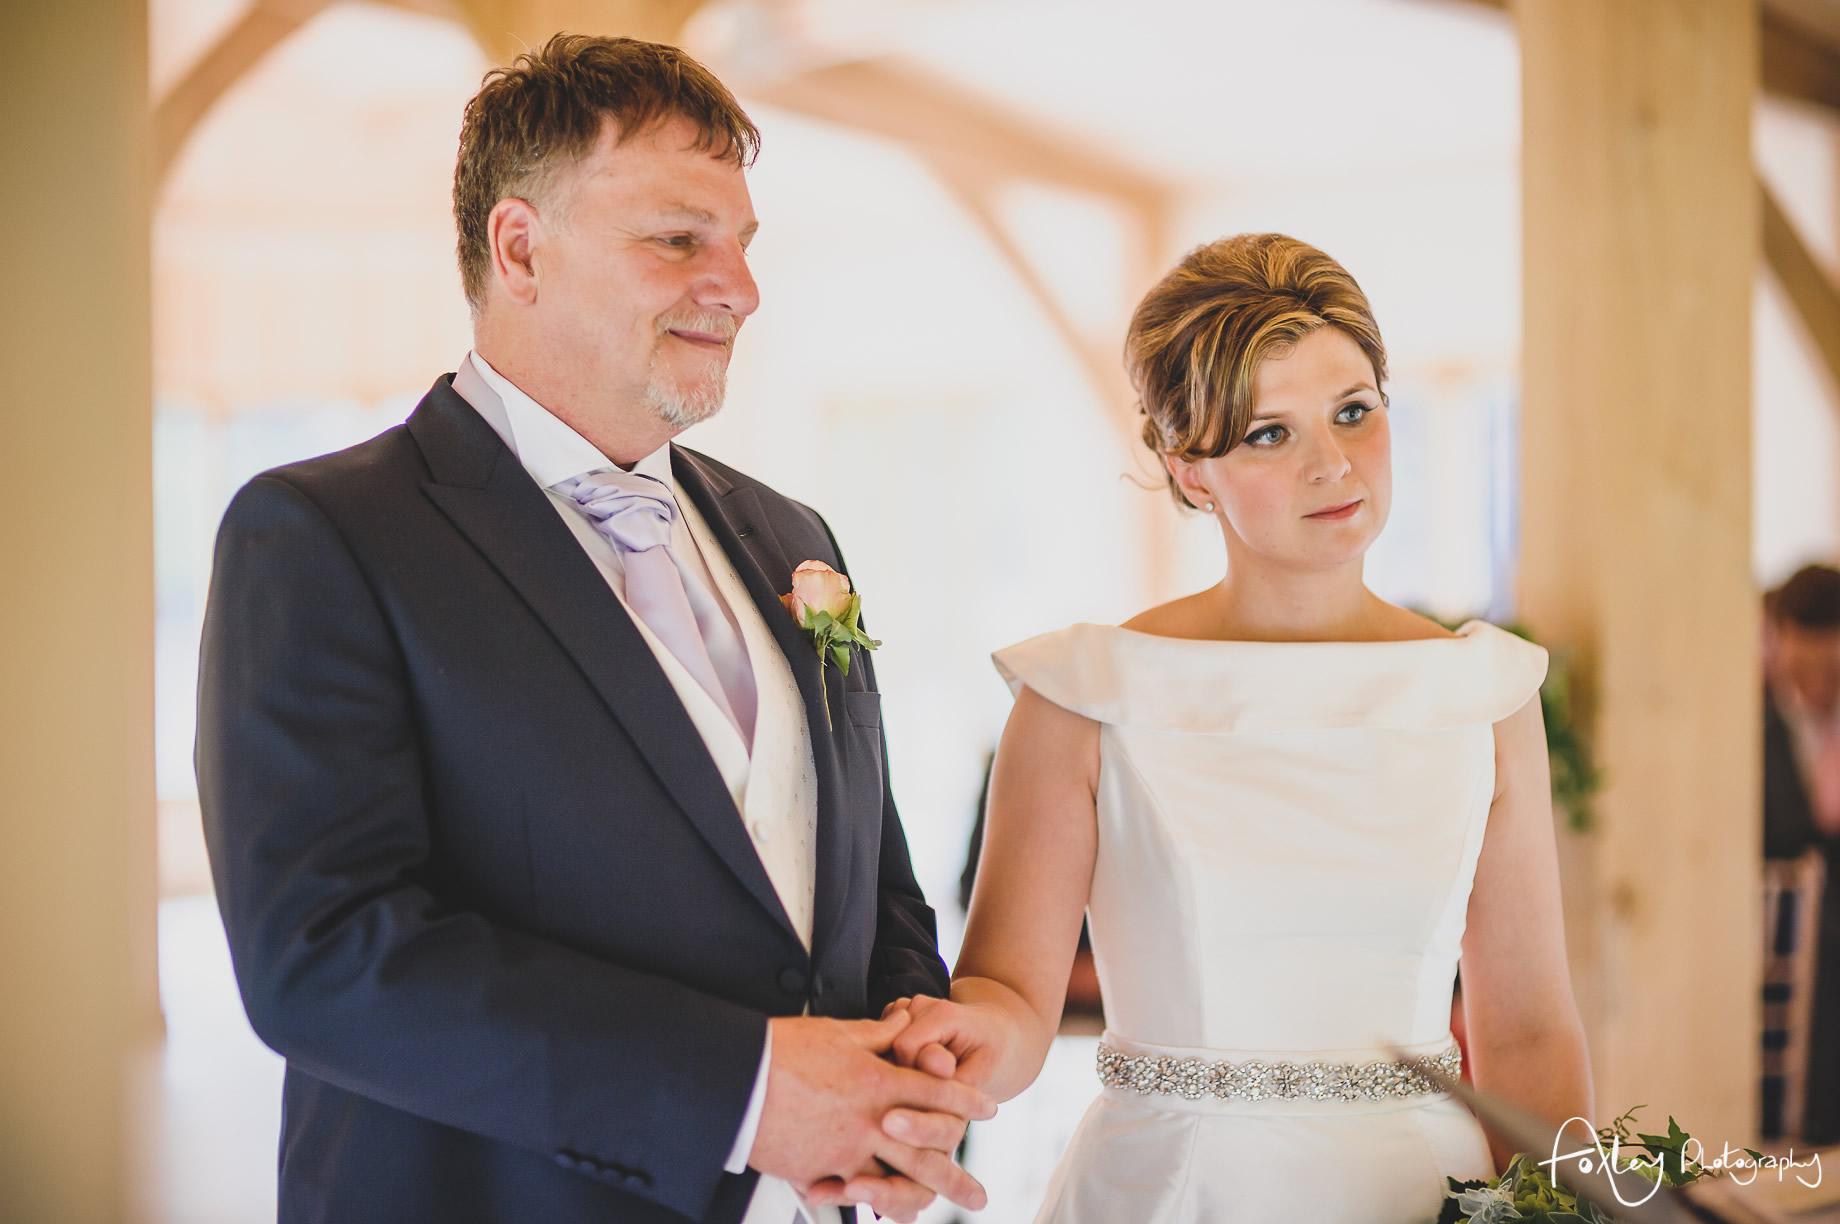 Simona-and-Robert-Wedding-at-Colshaw-Hall-100